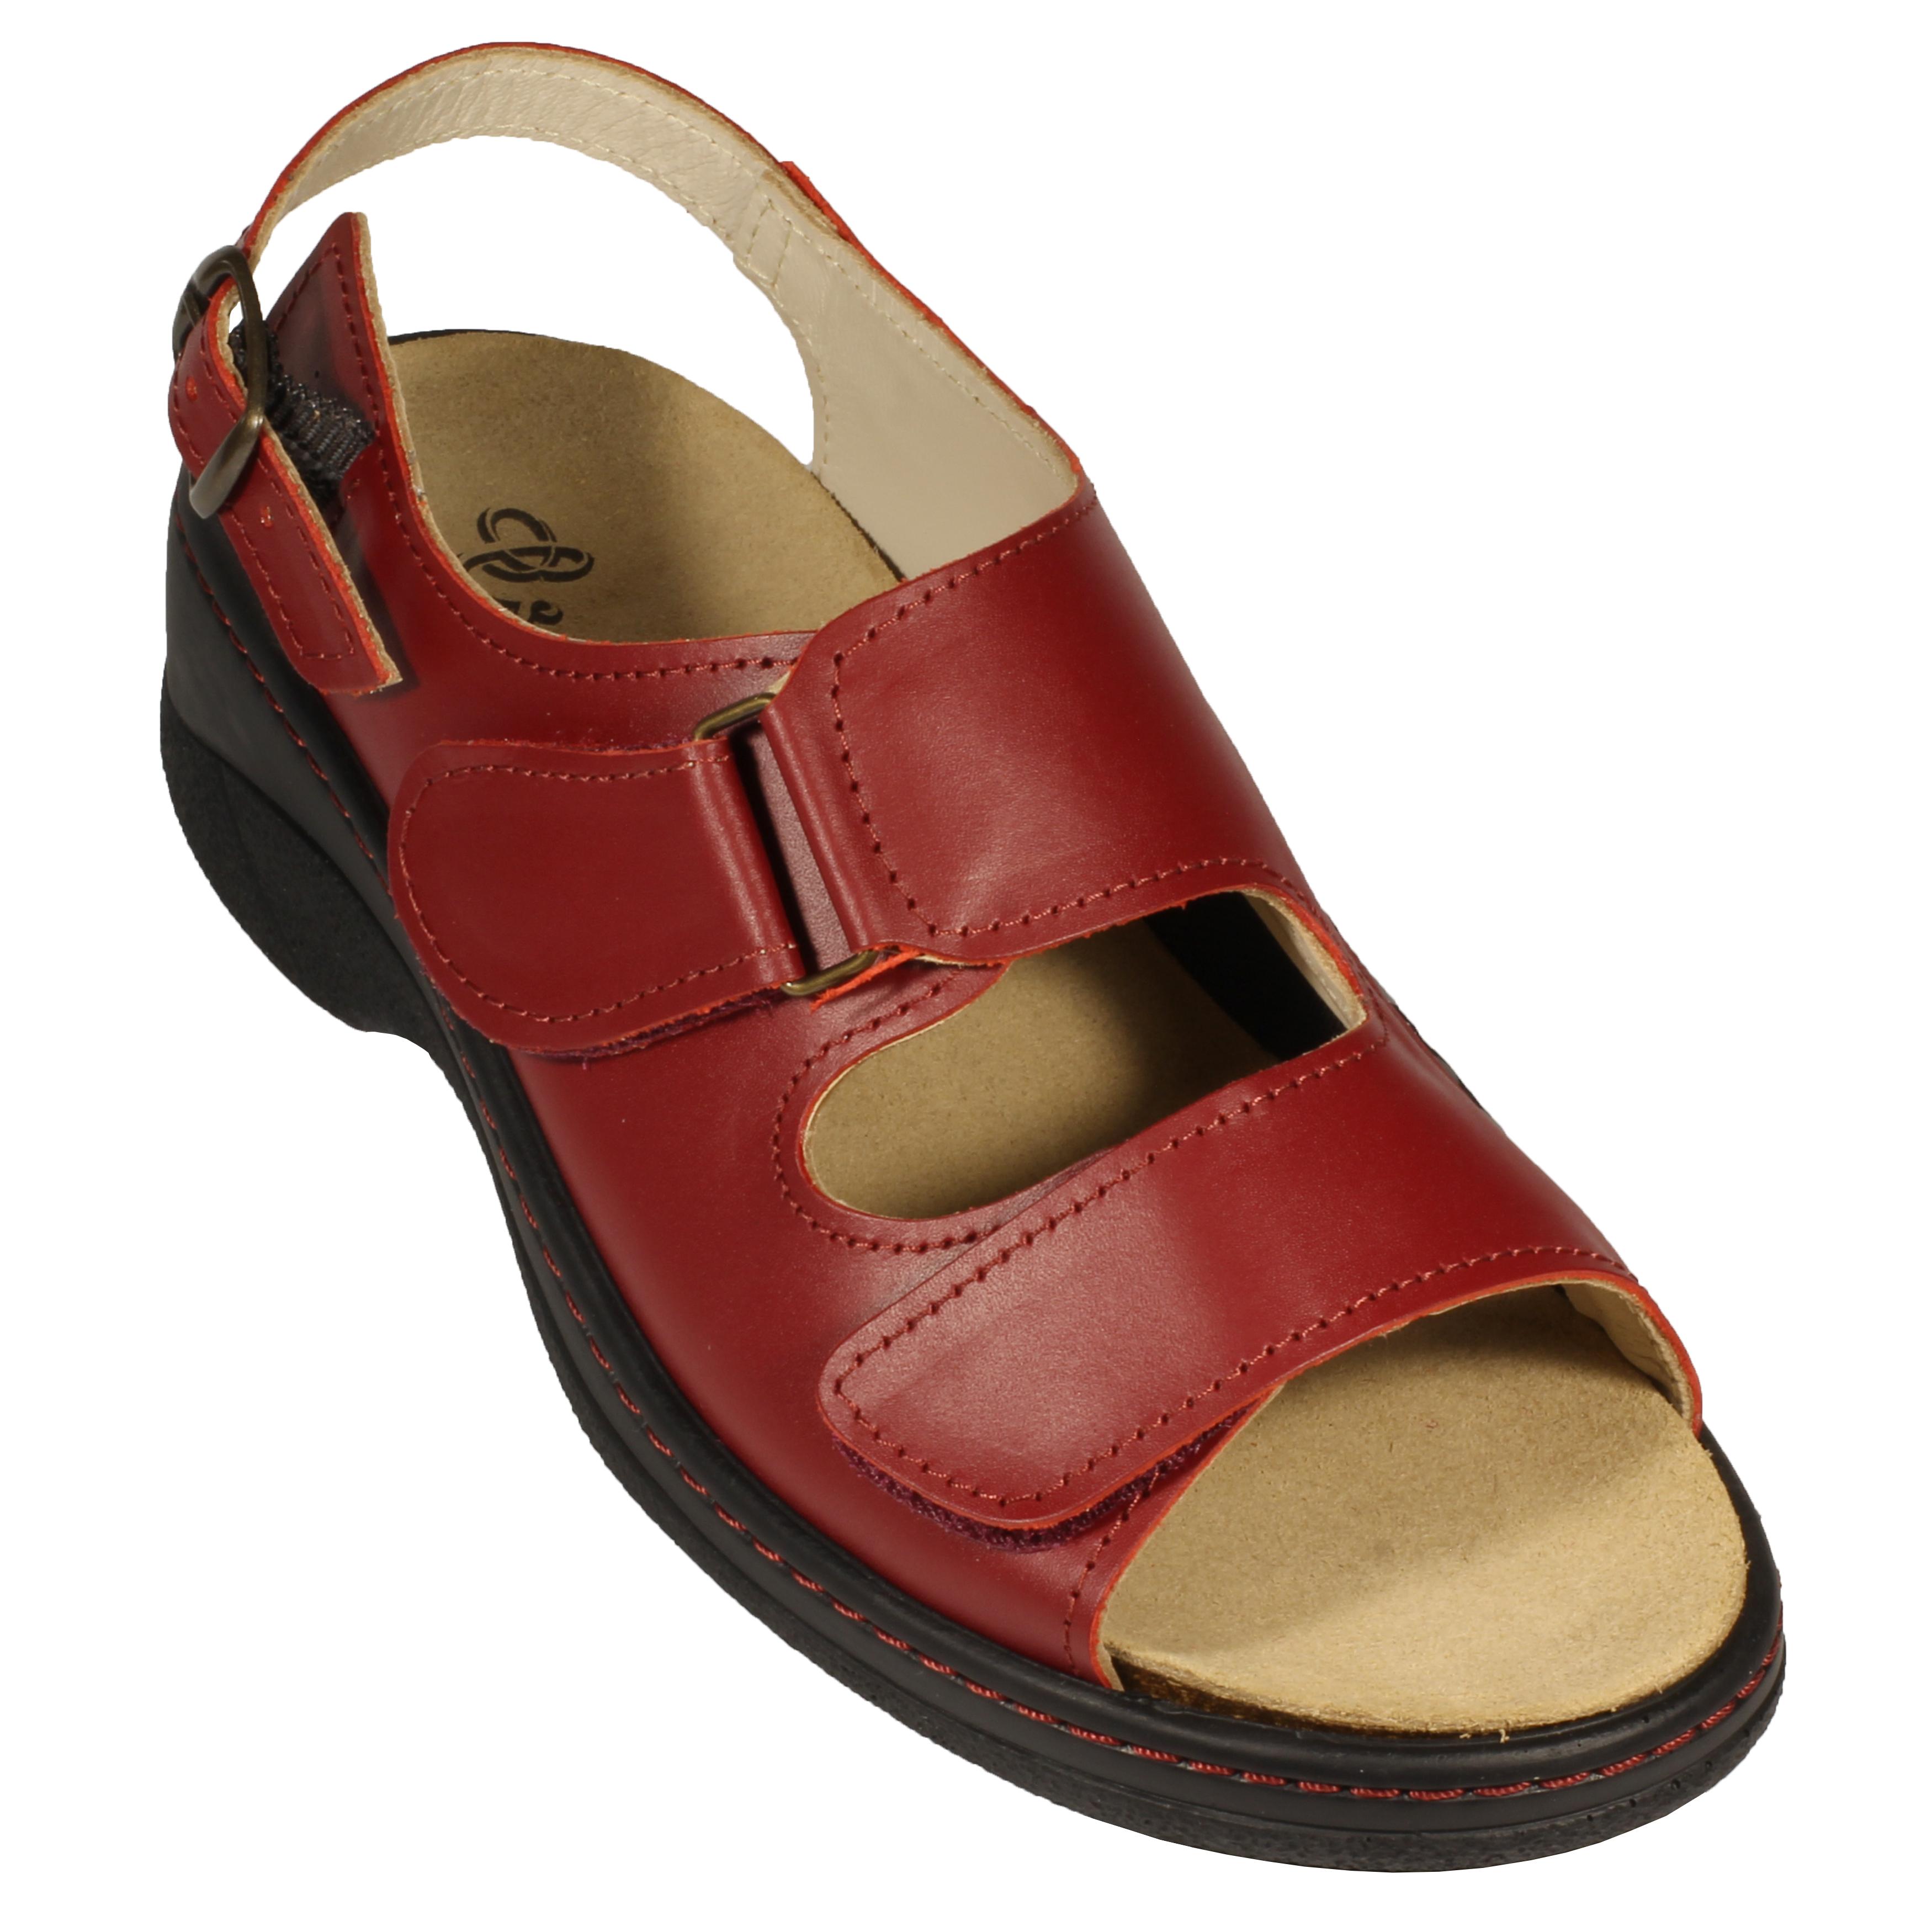 NŐI KÉNYELMI SZANDÁL 320 G BORDÓ | Jager Shoes